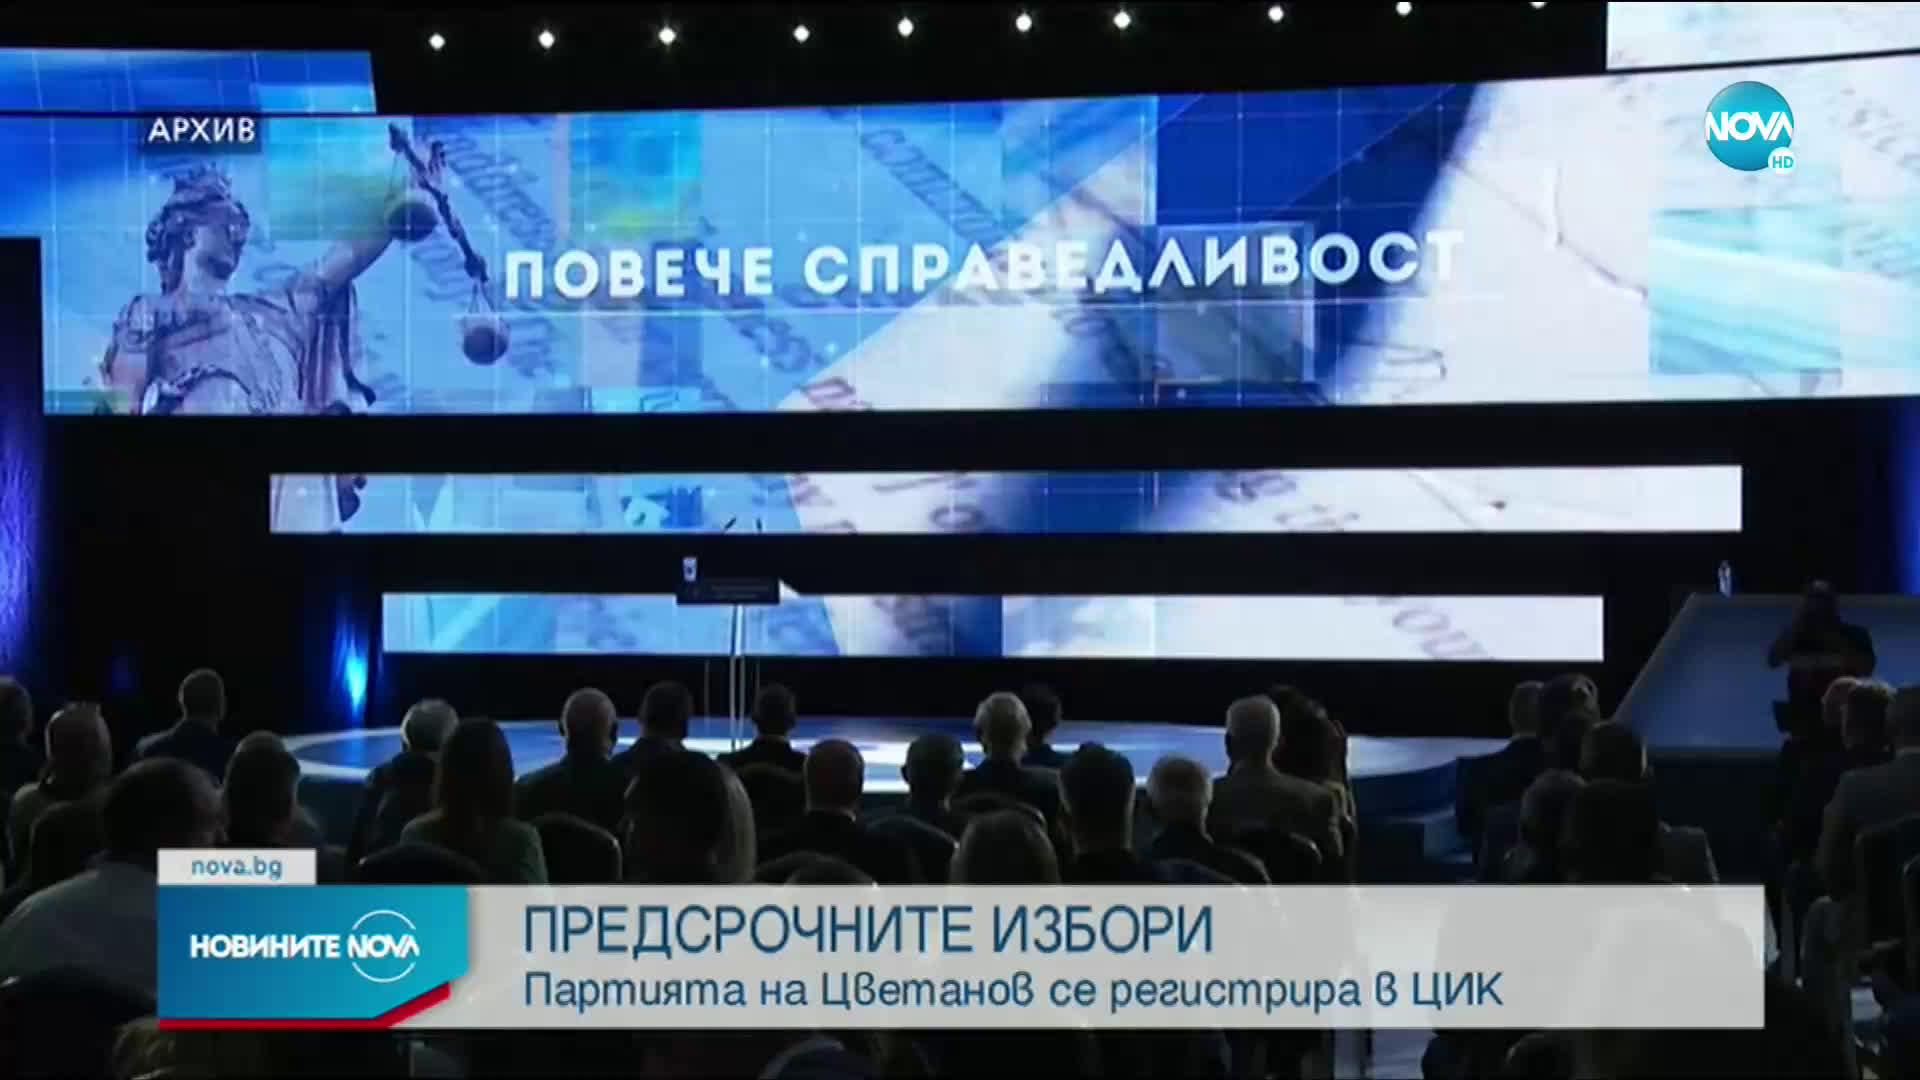 Партията на Цветанов се регистрира в ЦИК